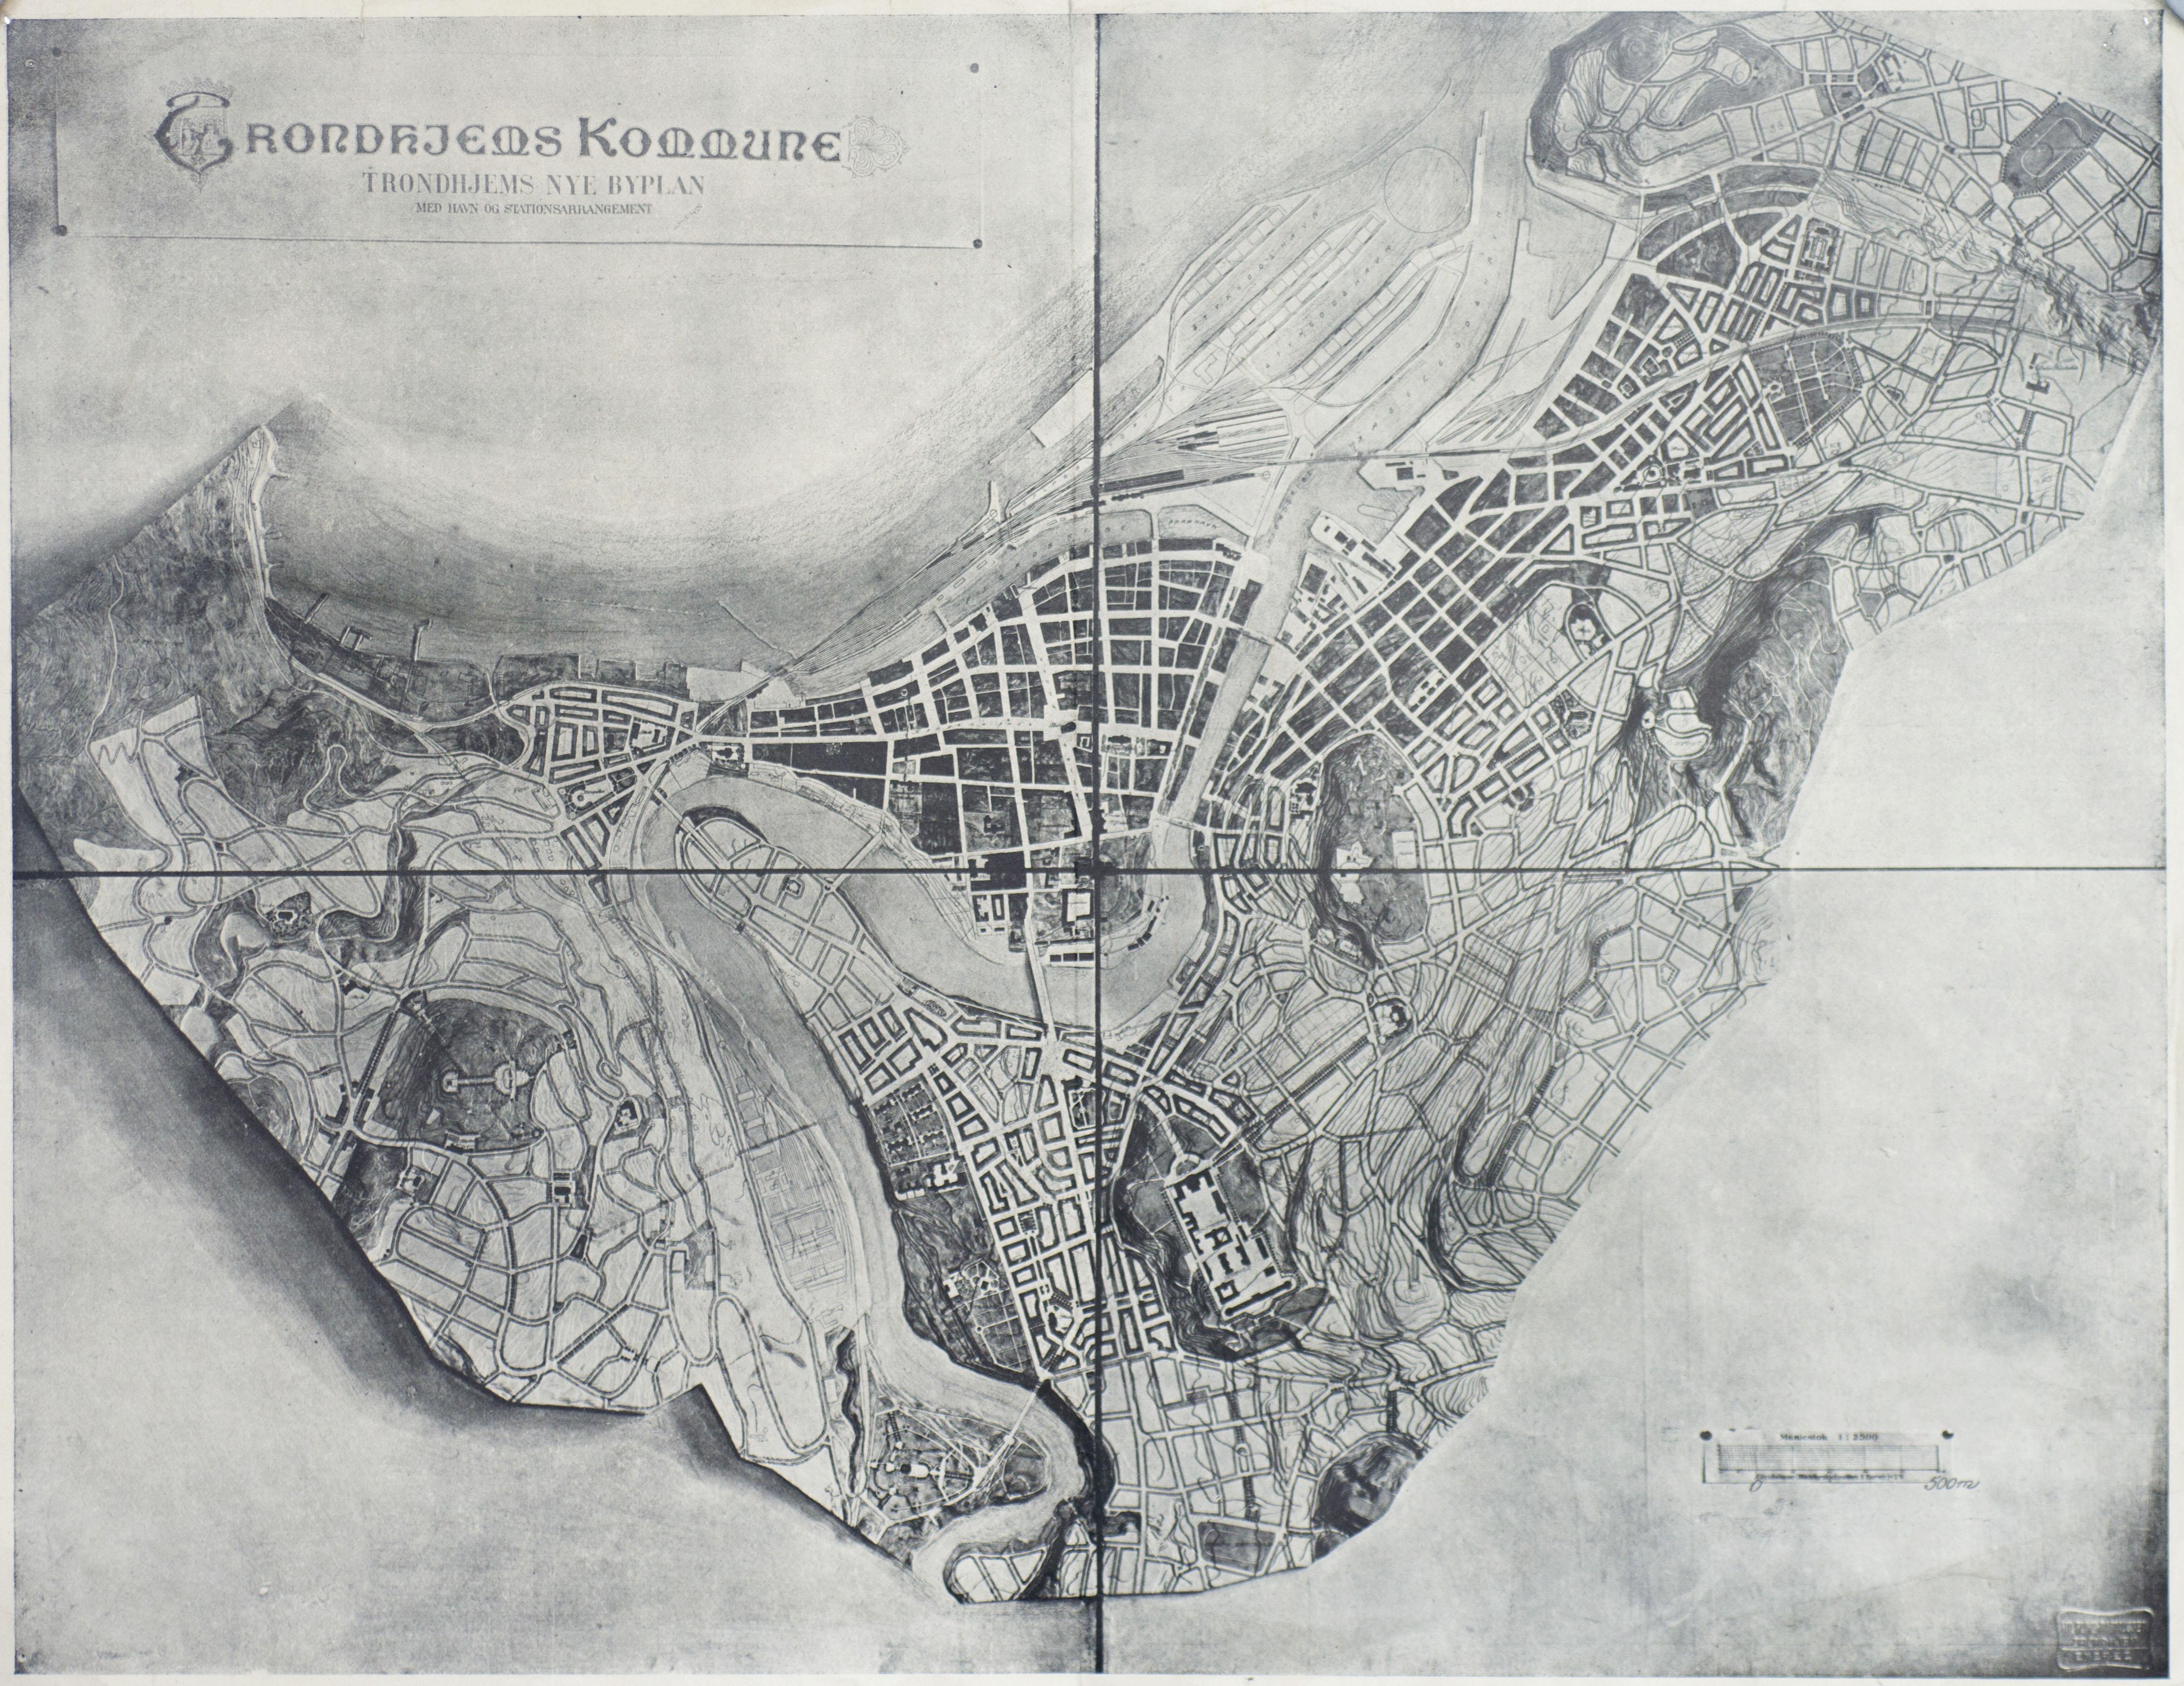 Urban plan Trondheim Norway